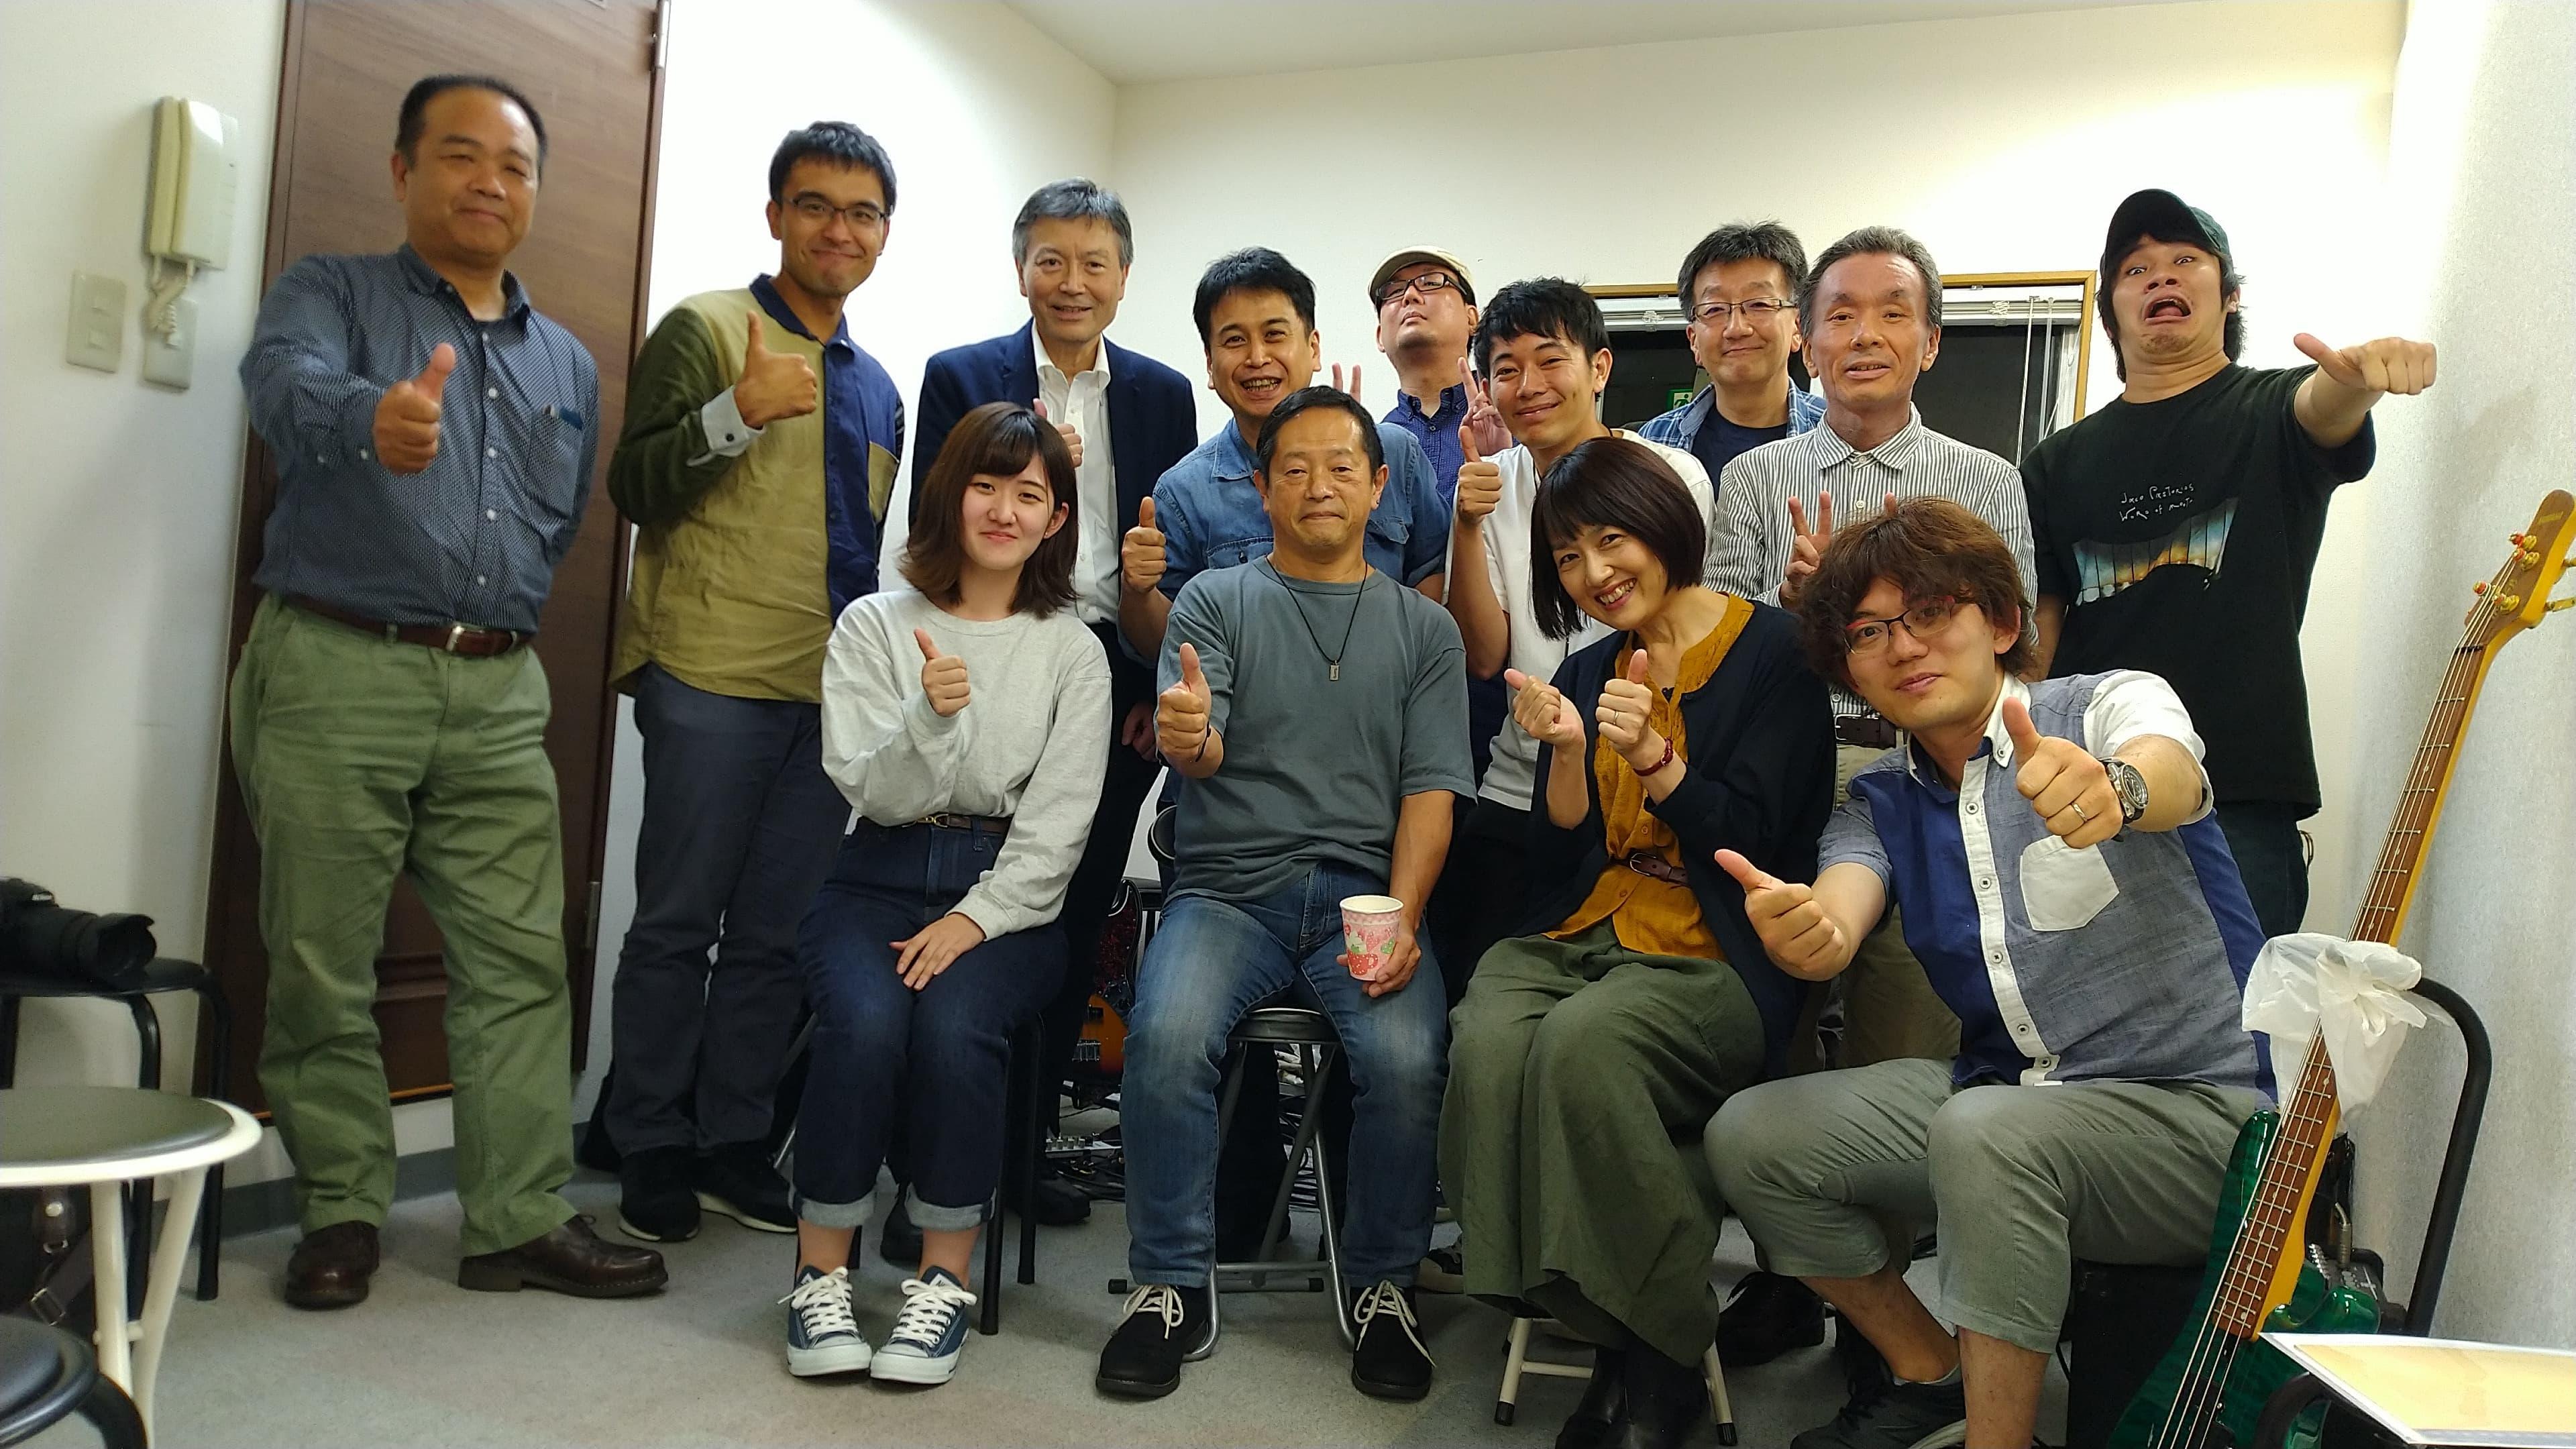 【オンラインサロン】関西オフ会レポート&関東オフ会 11月9日のお知らせ